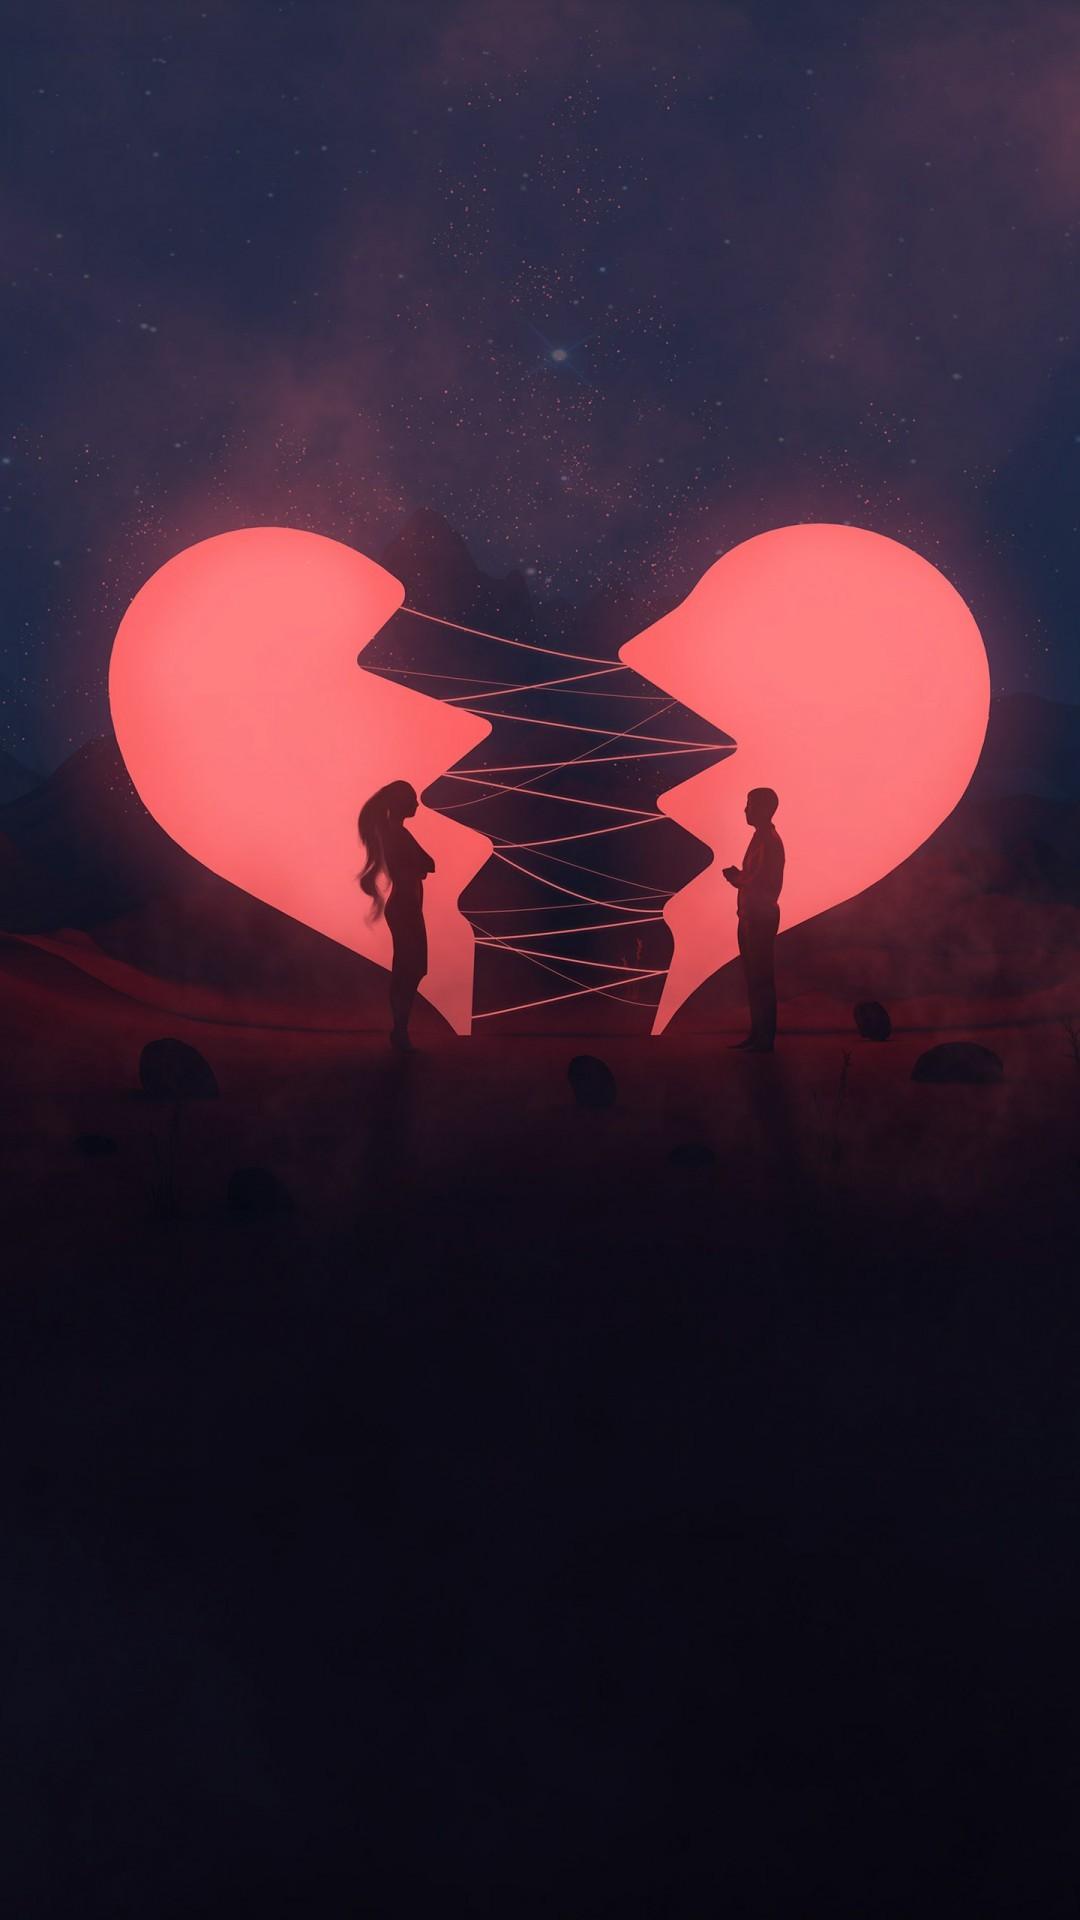 Free Broken Heart phone wallpaper by jazzking